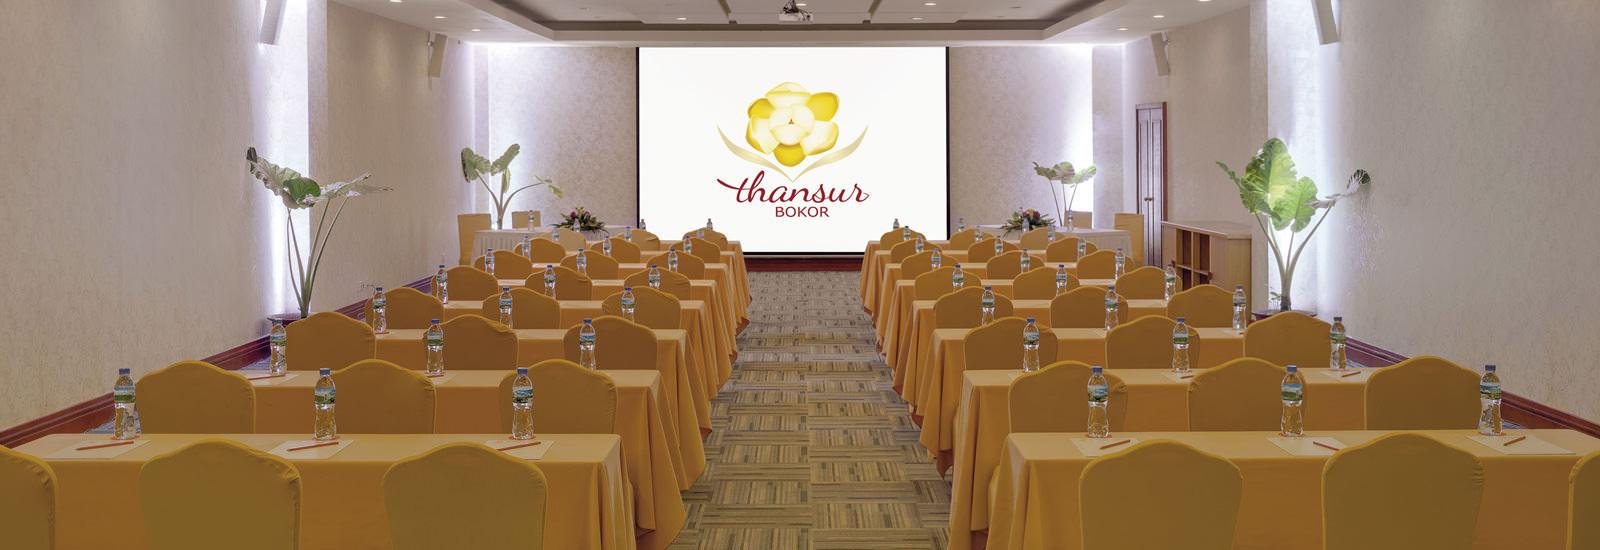 Bokor Meeting Room (Boardroom Style)